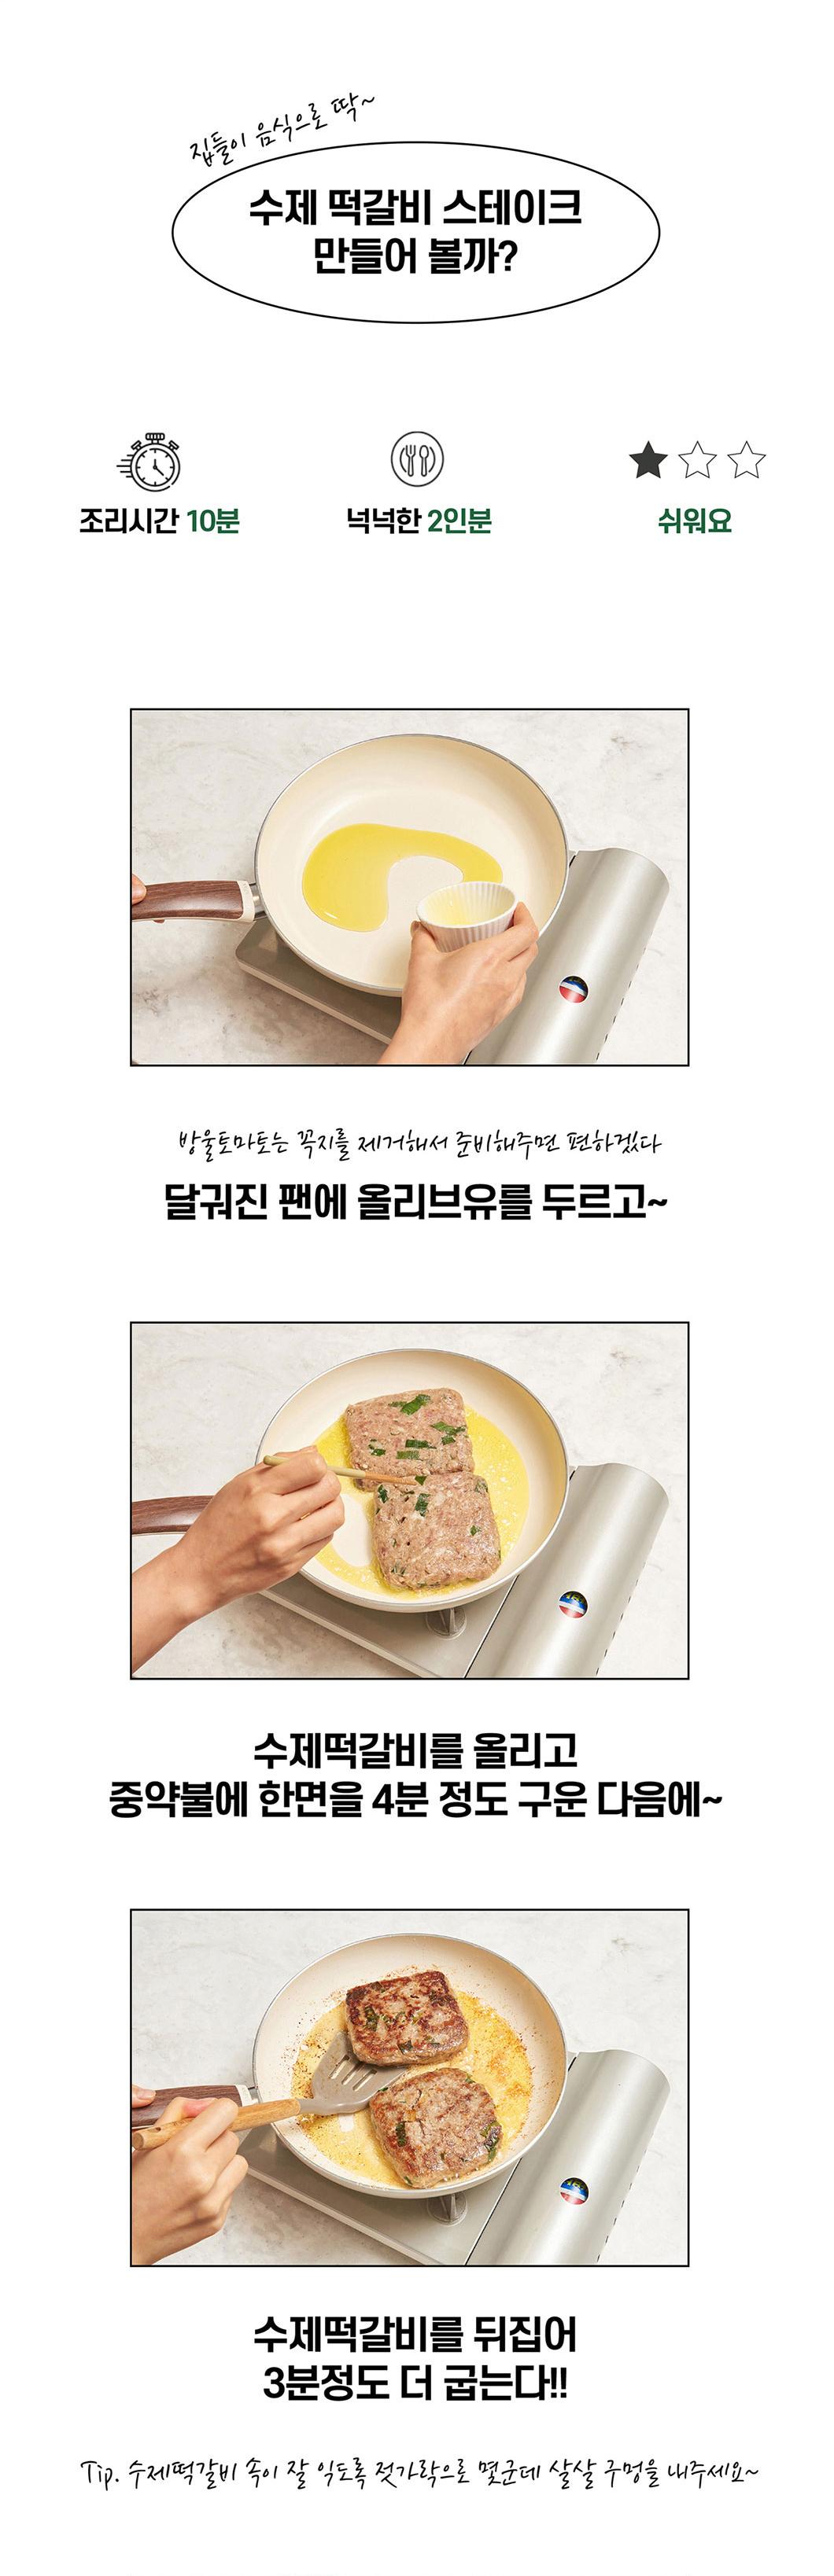 떡갈비_하단1060_02.jpg